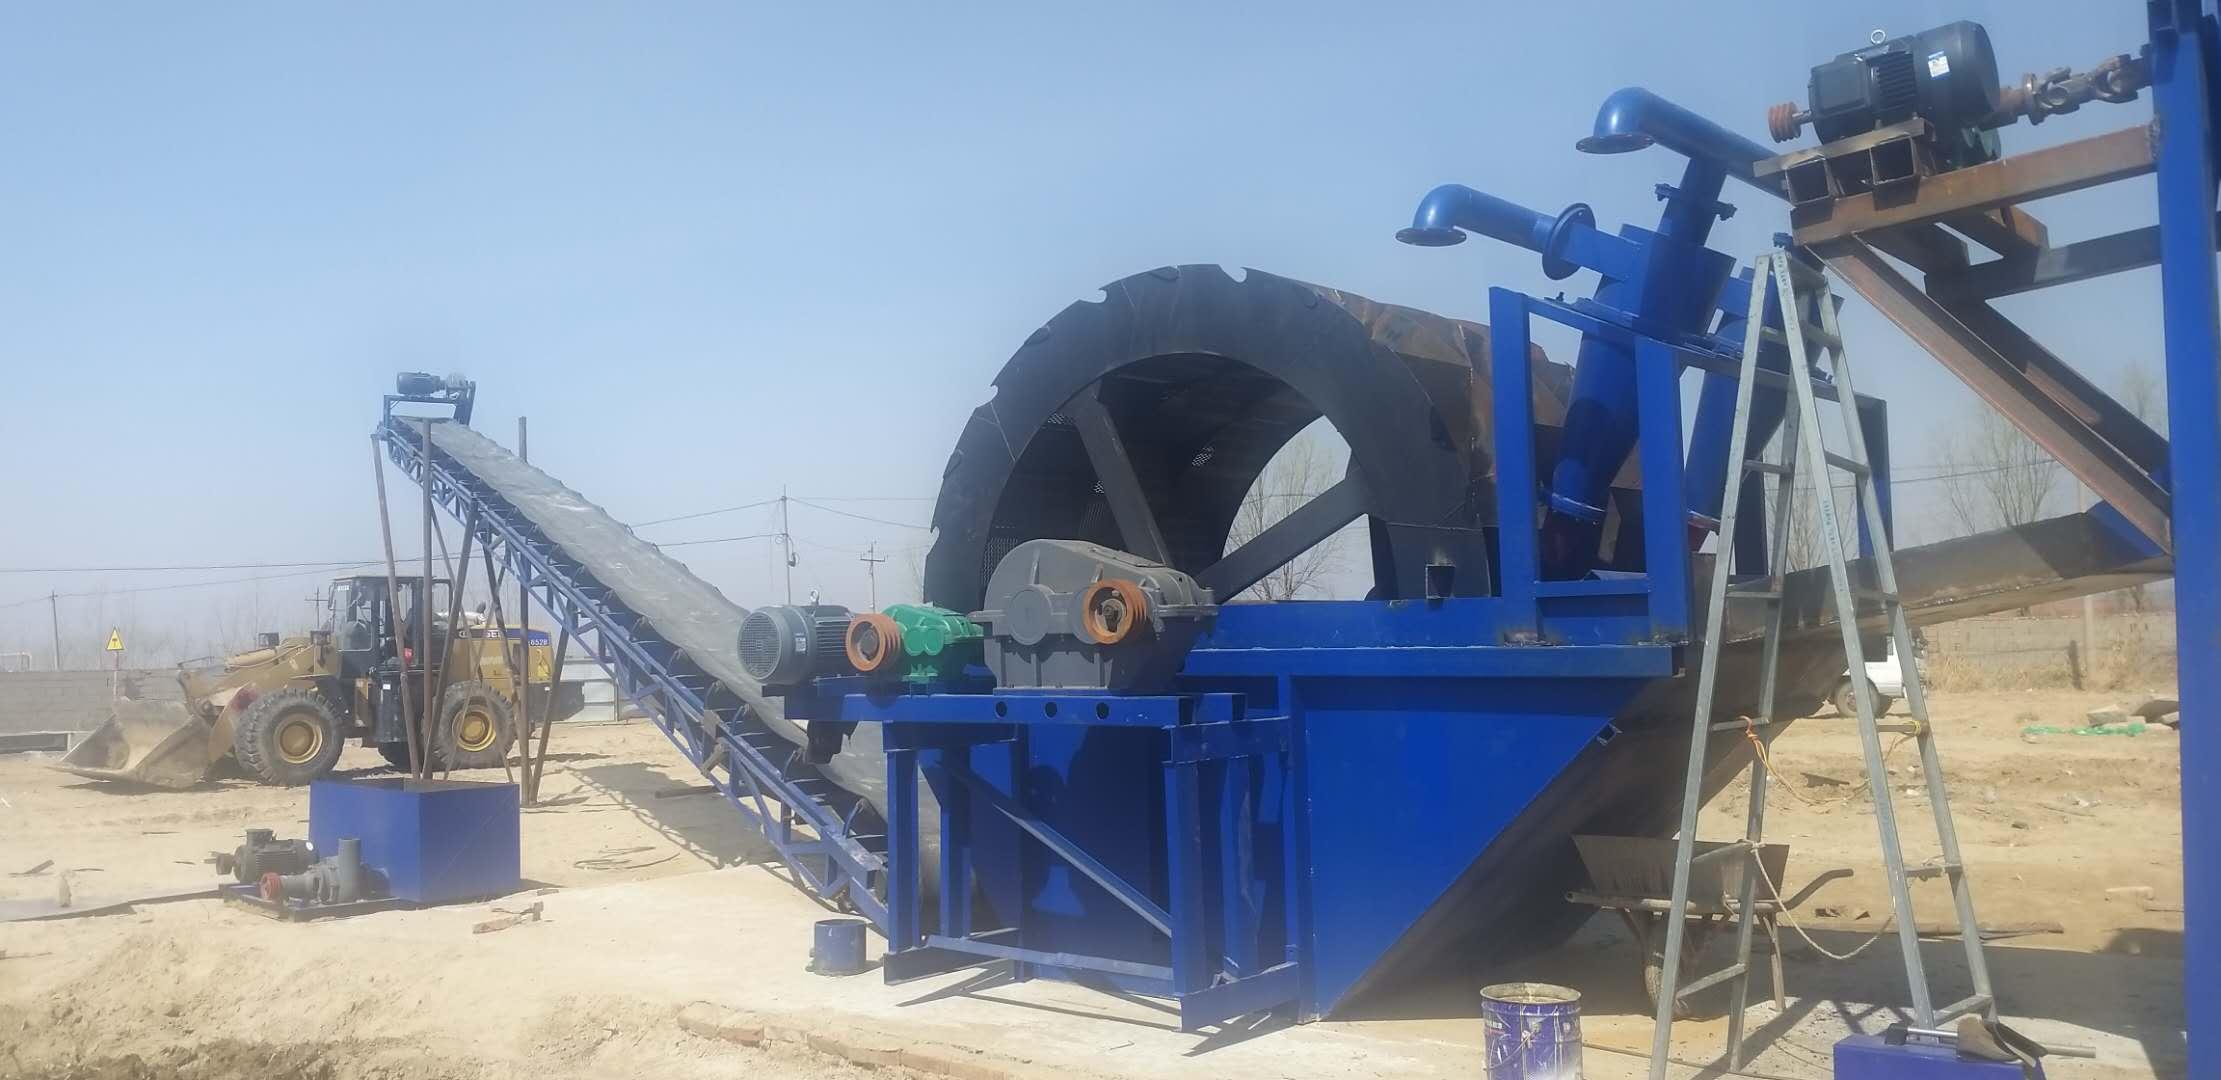 破碎水洗设备,破碎水洗机械,破碎水洗机械生产